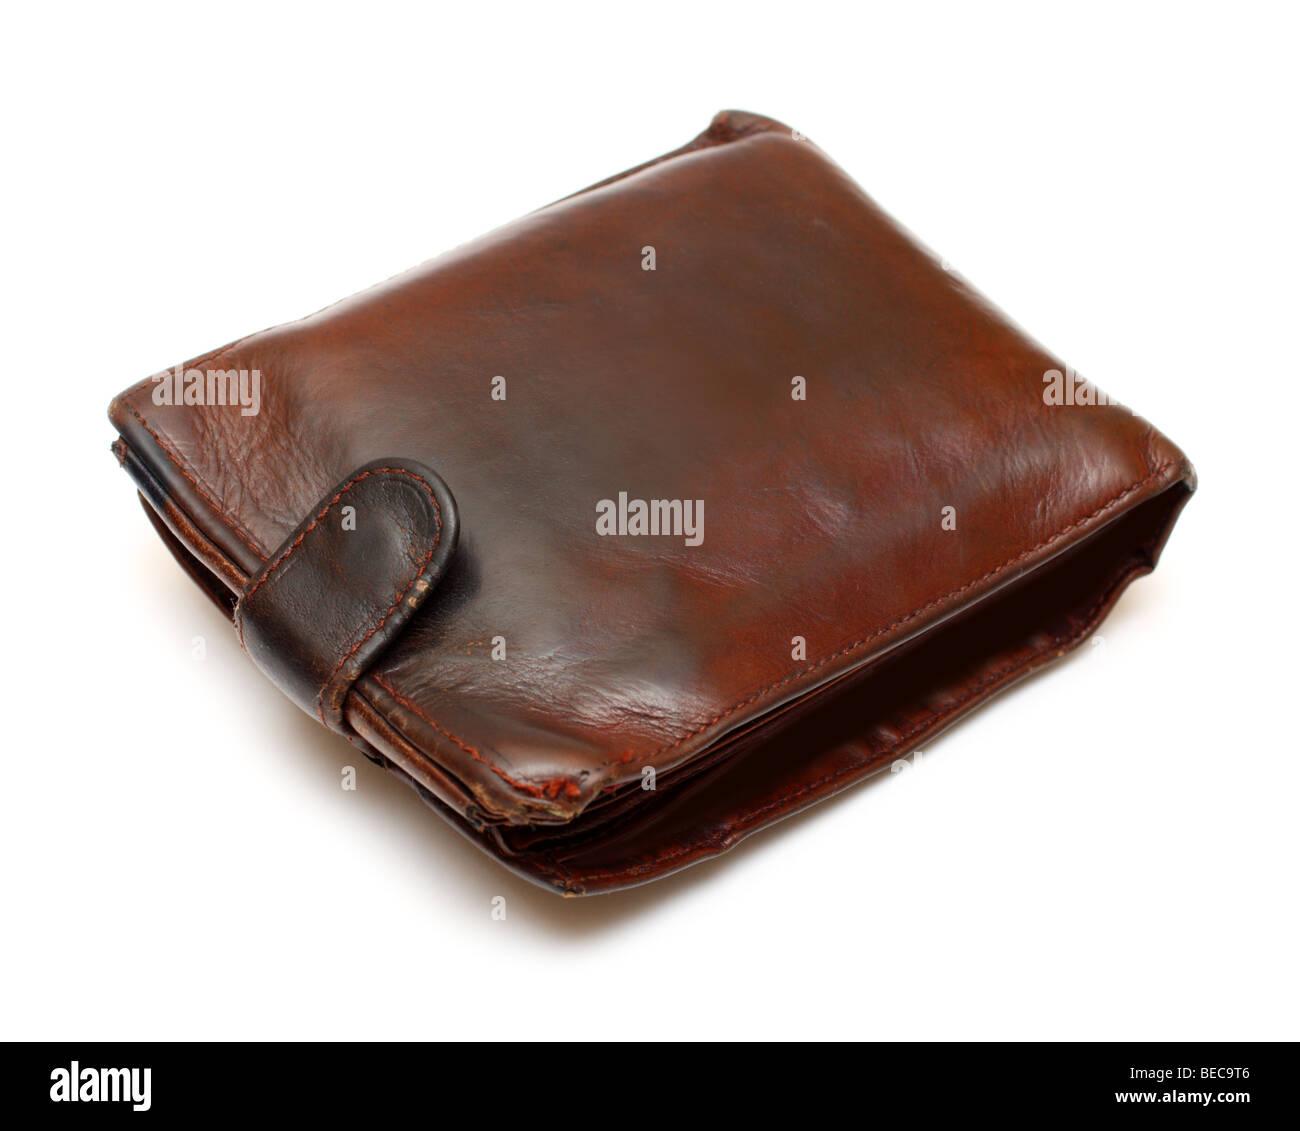 Monedero de cuero marrón antiguo aislado en blanco Foto de stock